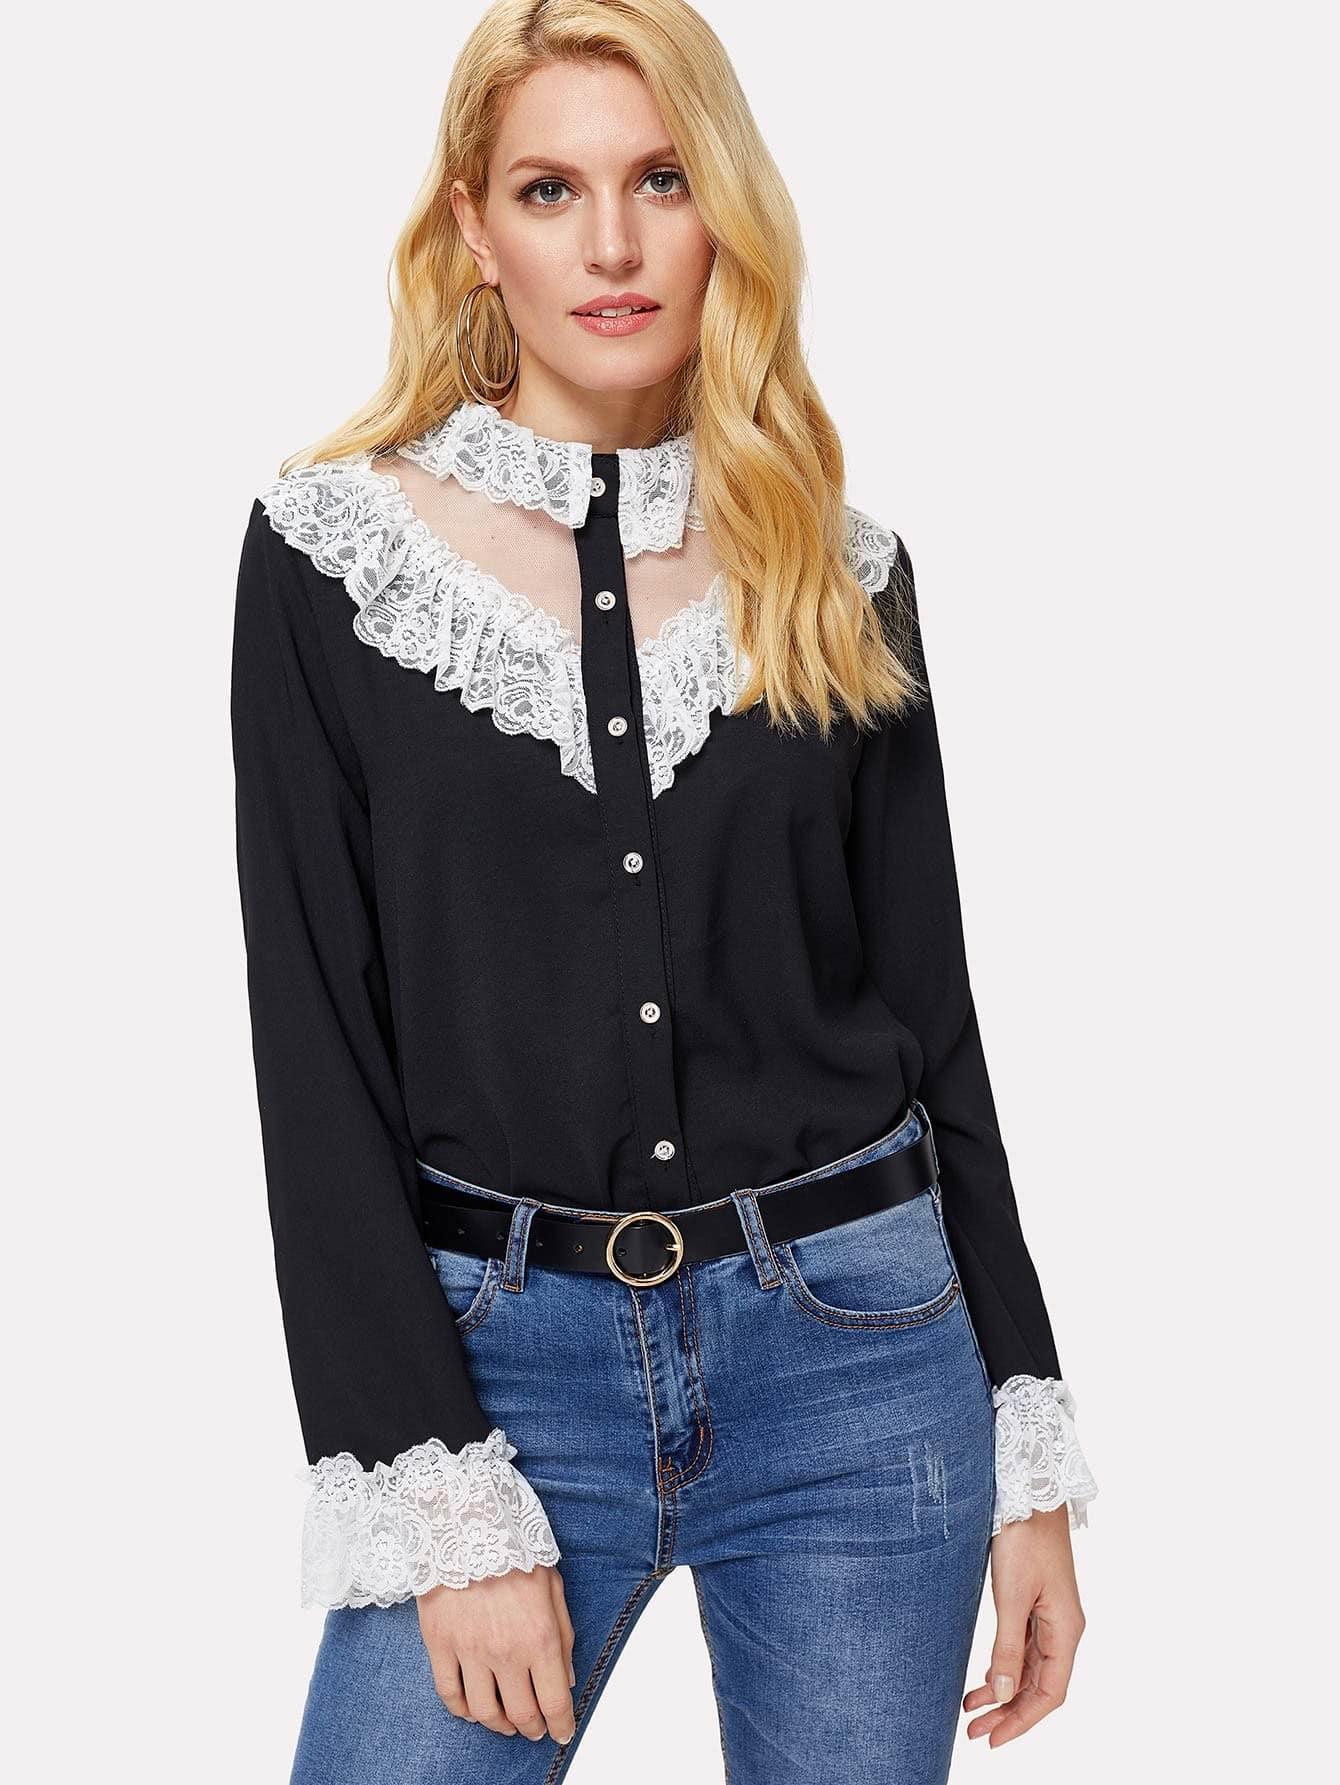 Contrast Lace Trim Mesh Insert Shirt mesh contrast lace top